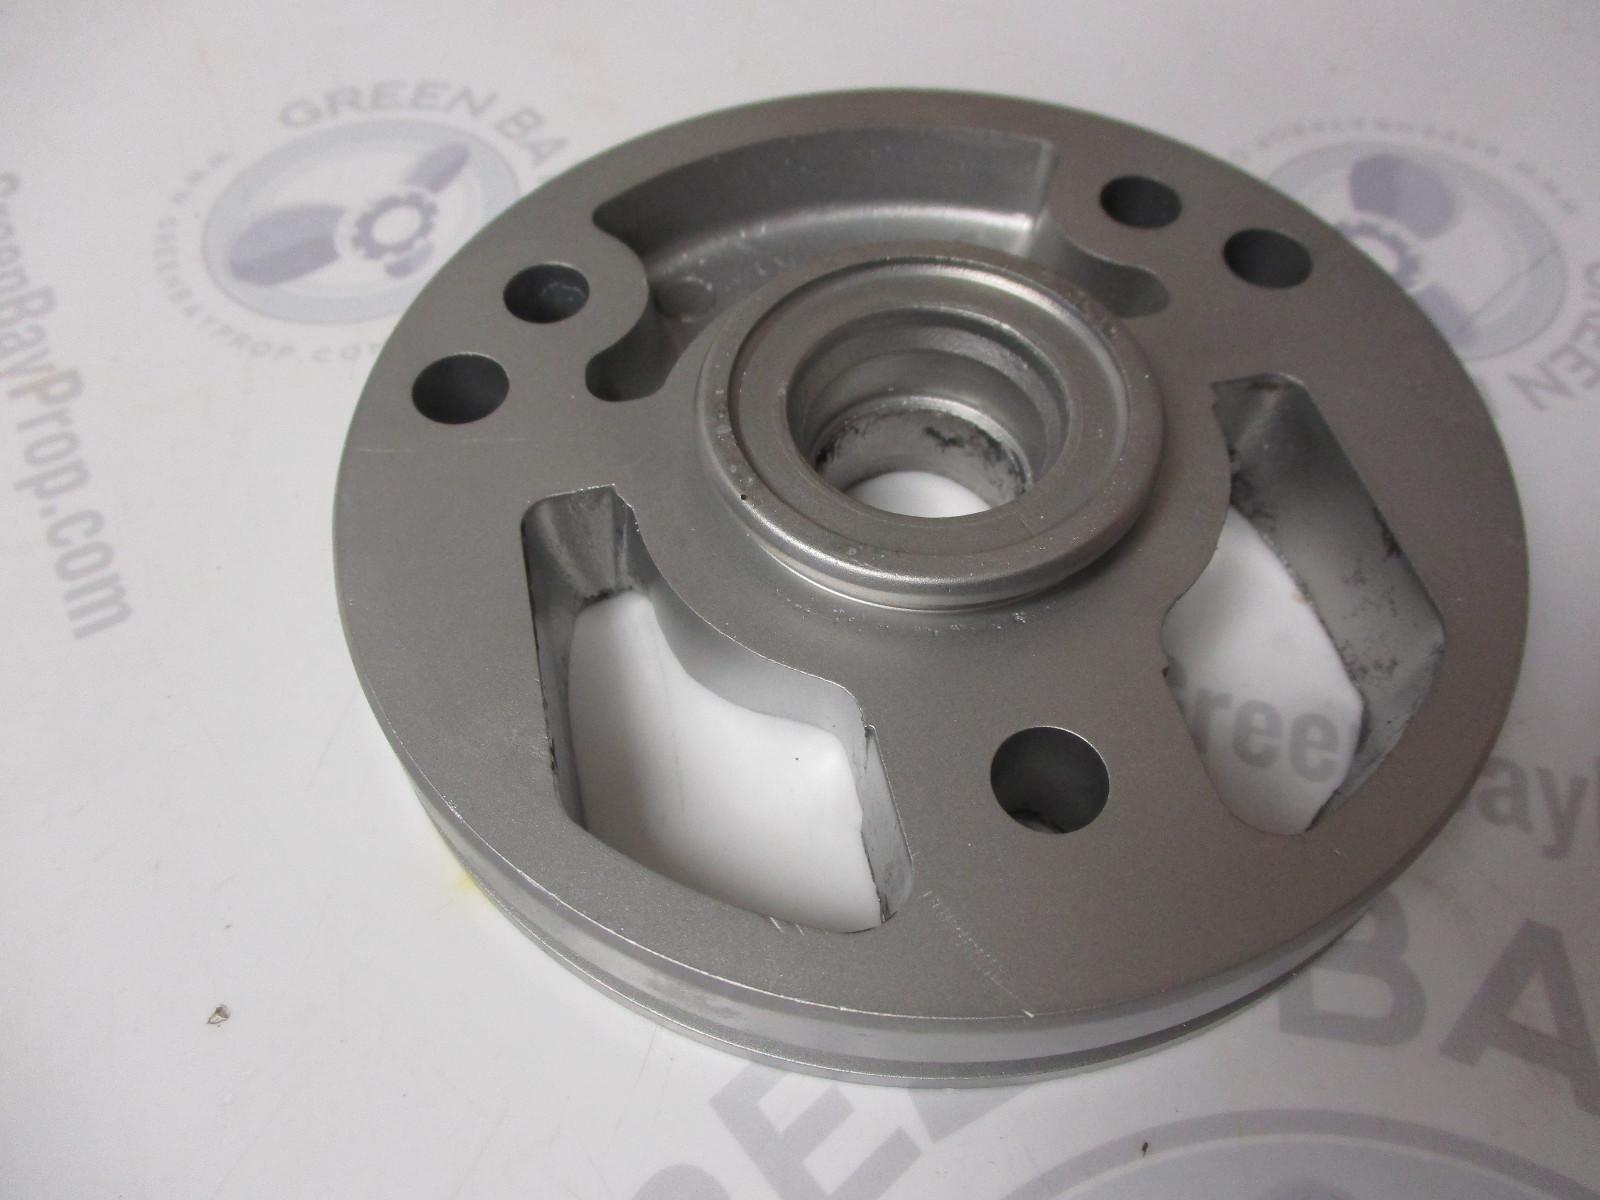 0911699 OMC Cobra Upper Gear Case Water Pump Adapter Seal Housing 1986-1993